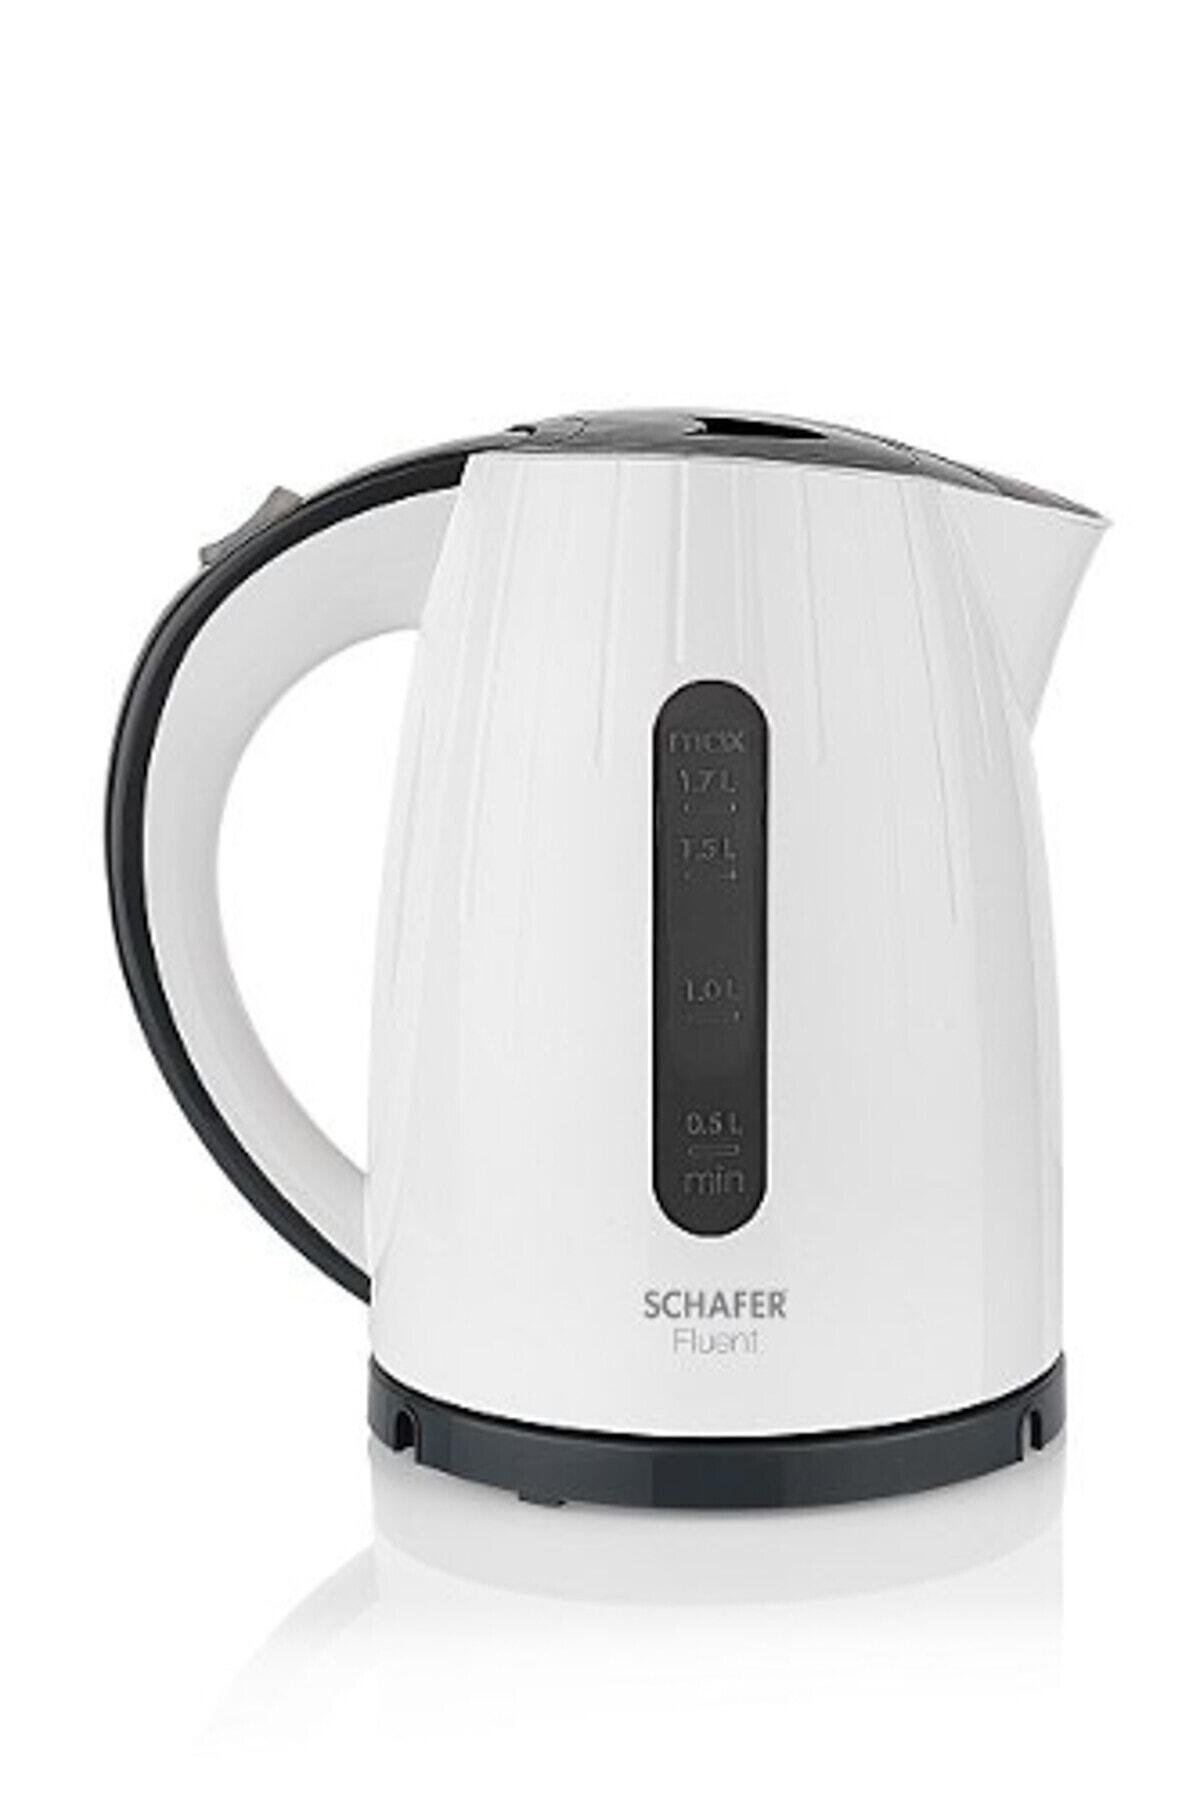 Schafer Beyaz Fluent 2200w Elektrikli Su Isıtıcı Kettle 1